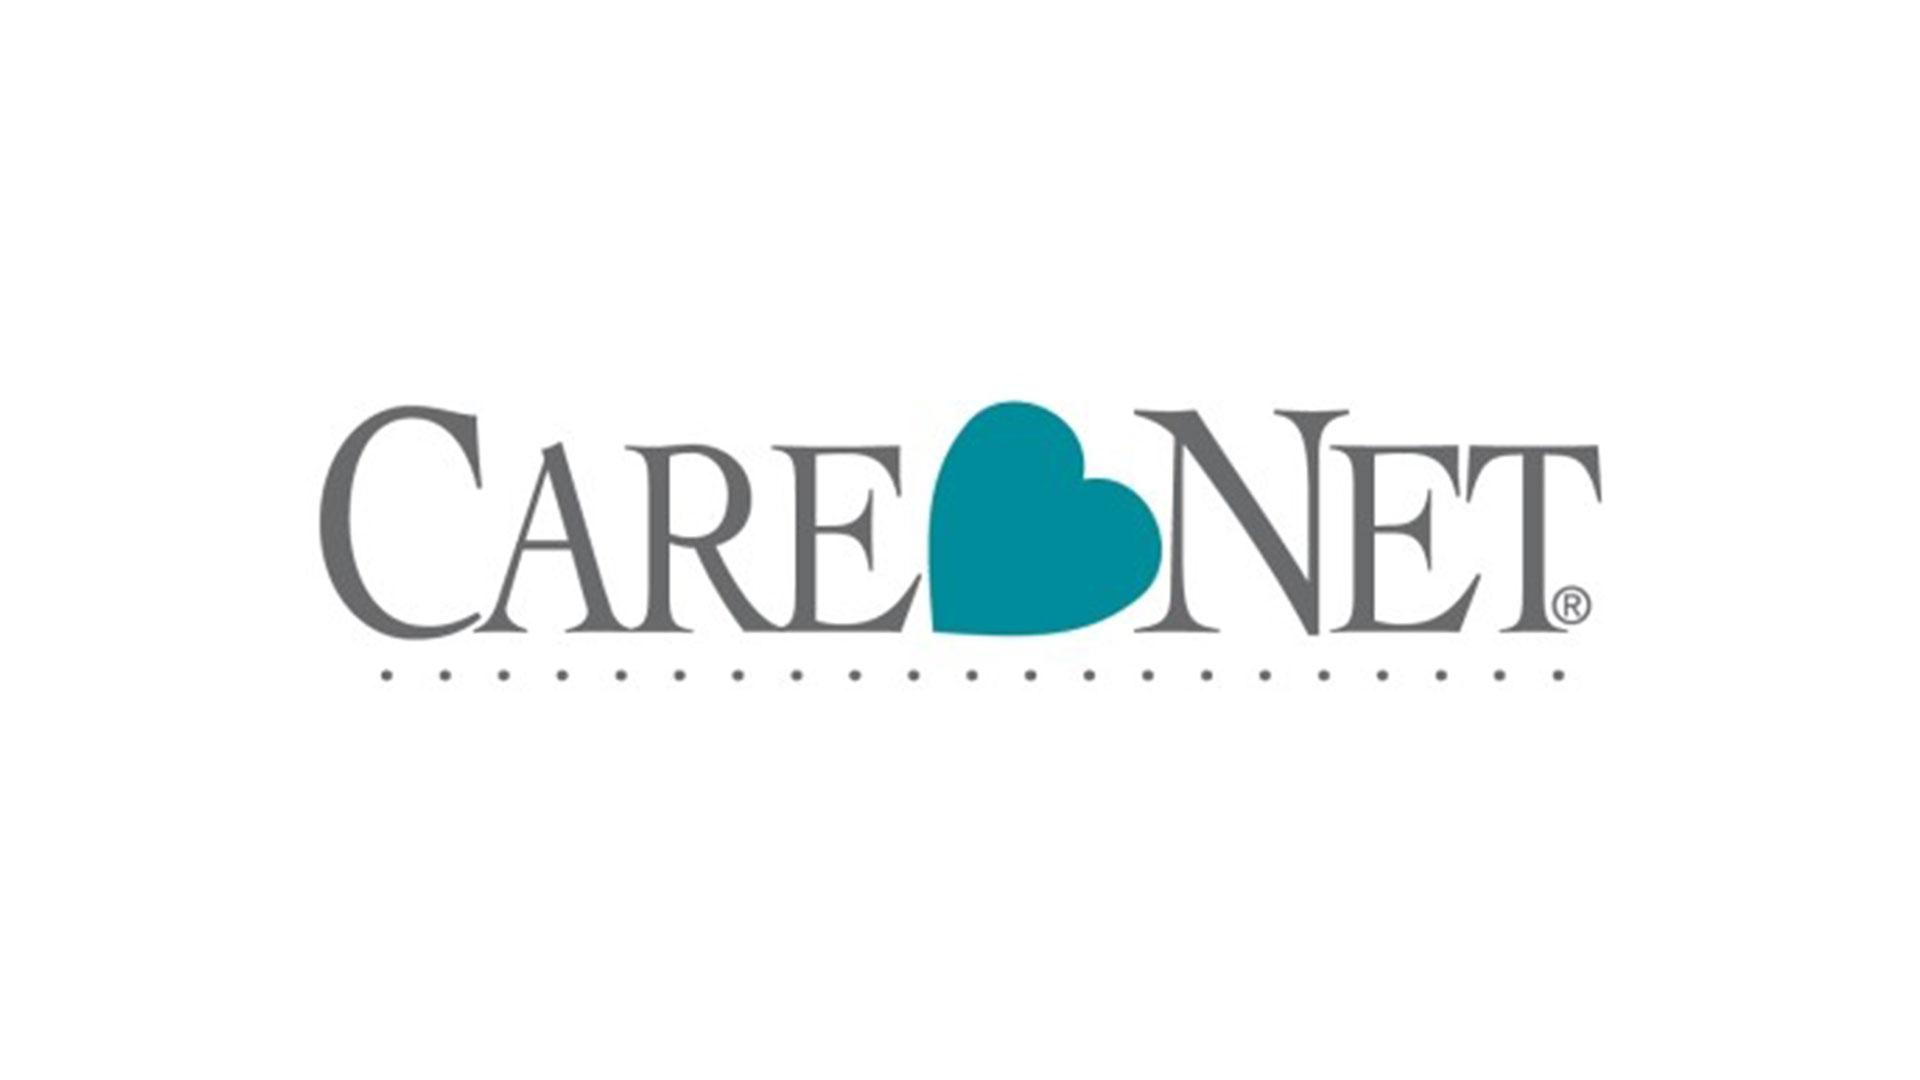 Life Center | Care Net